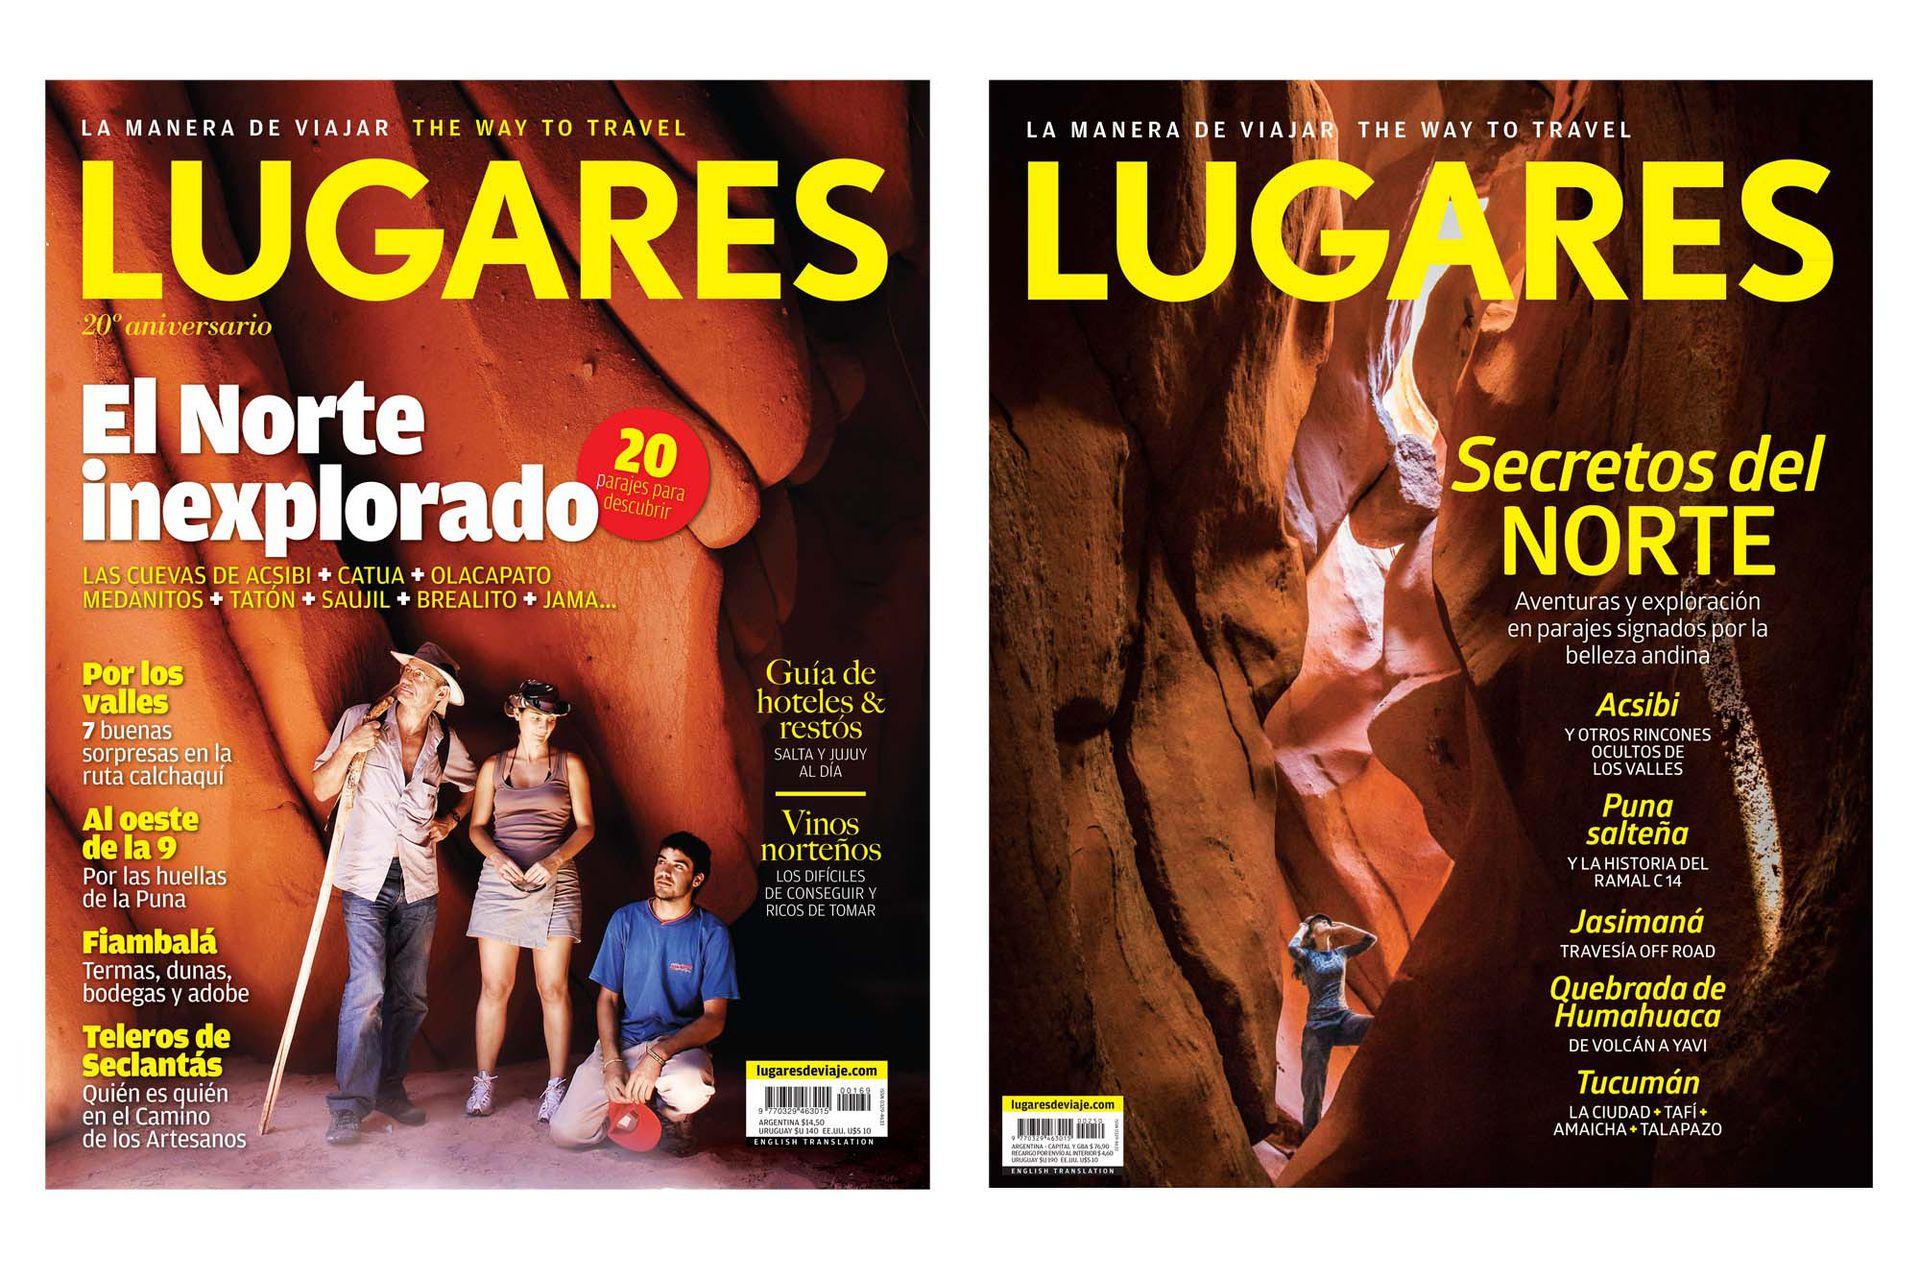 LUGARES acompañó el crecimiento de Acsibi como destino turístico. Fue tapa en 2010 y en 2017.